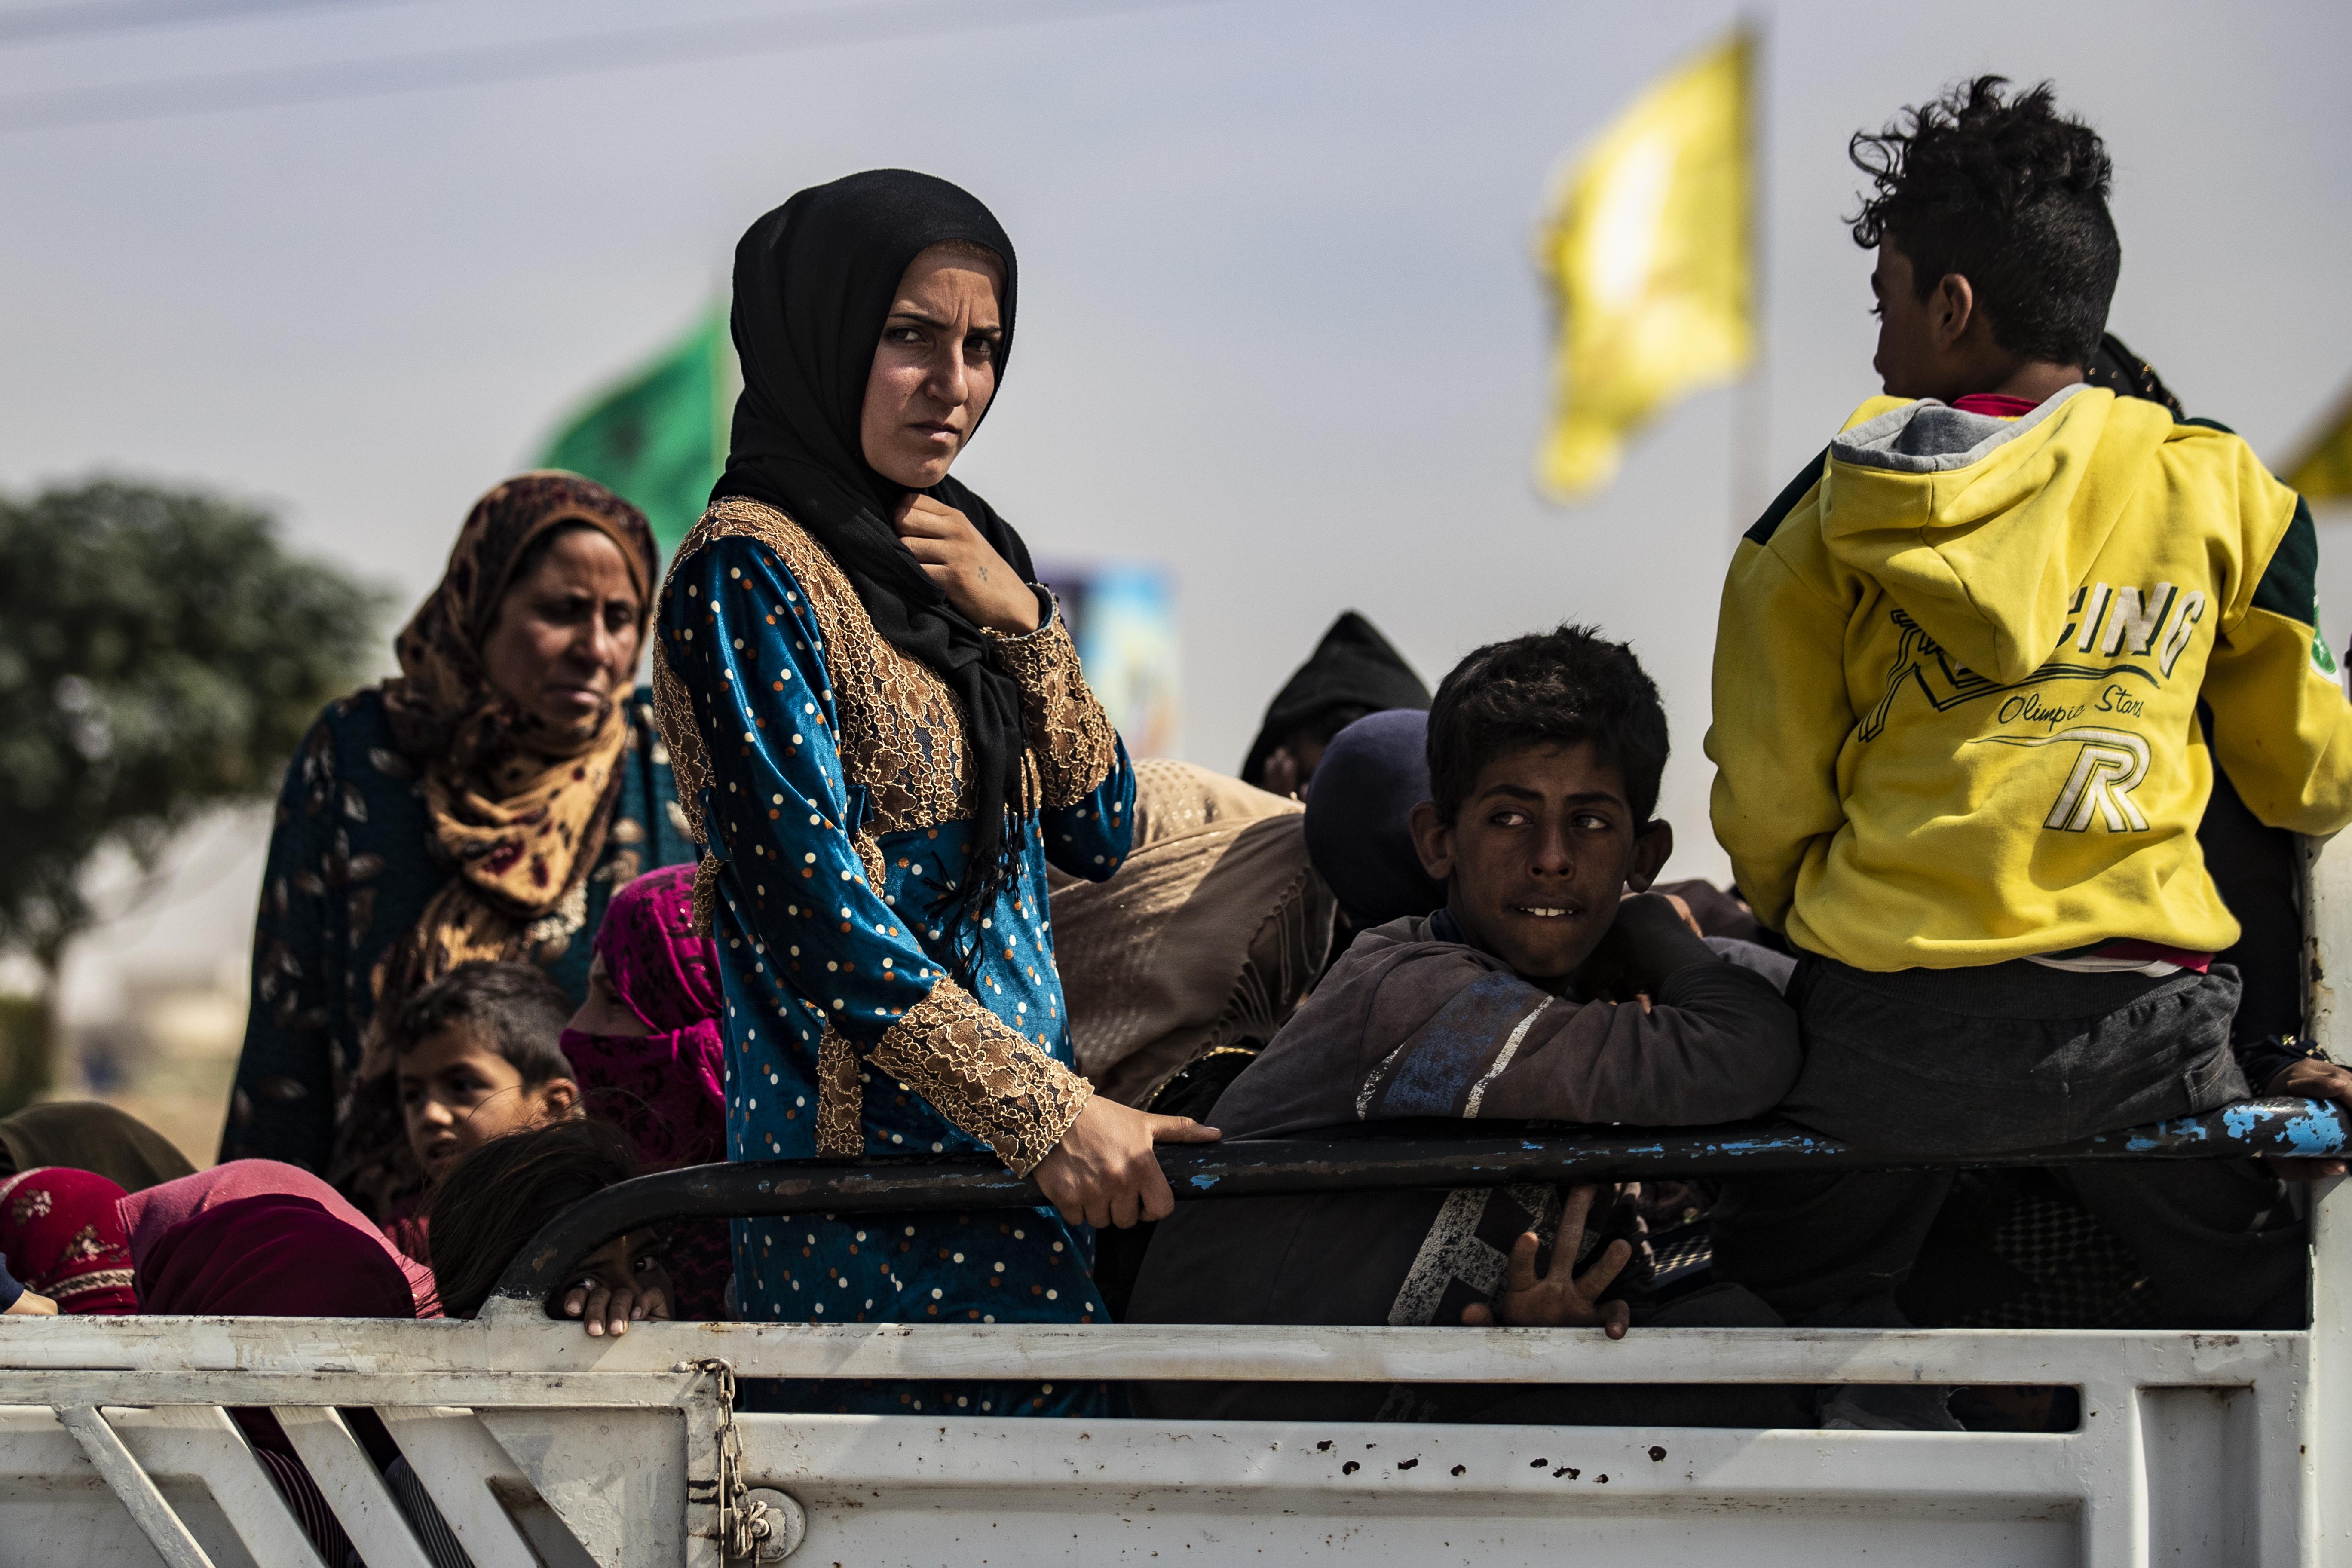 امرأة سورية تفر مدينة الحسكة السورية بعد اندلاع العملية العسكرية التركية - 11 أكتوبر 2019